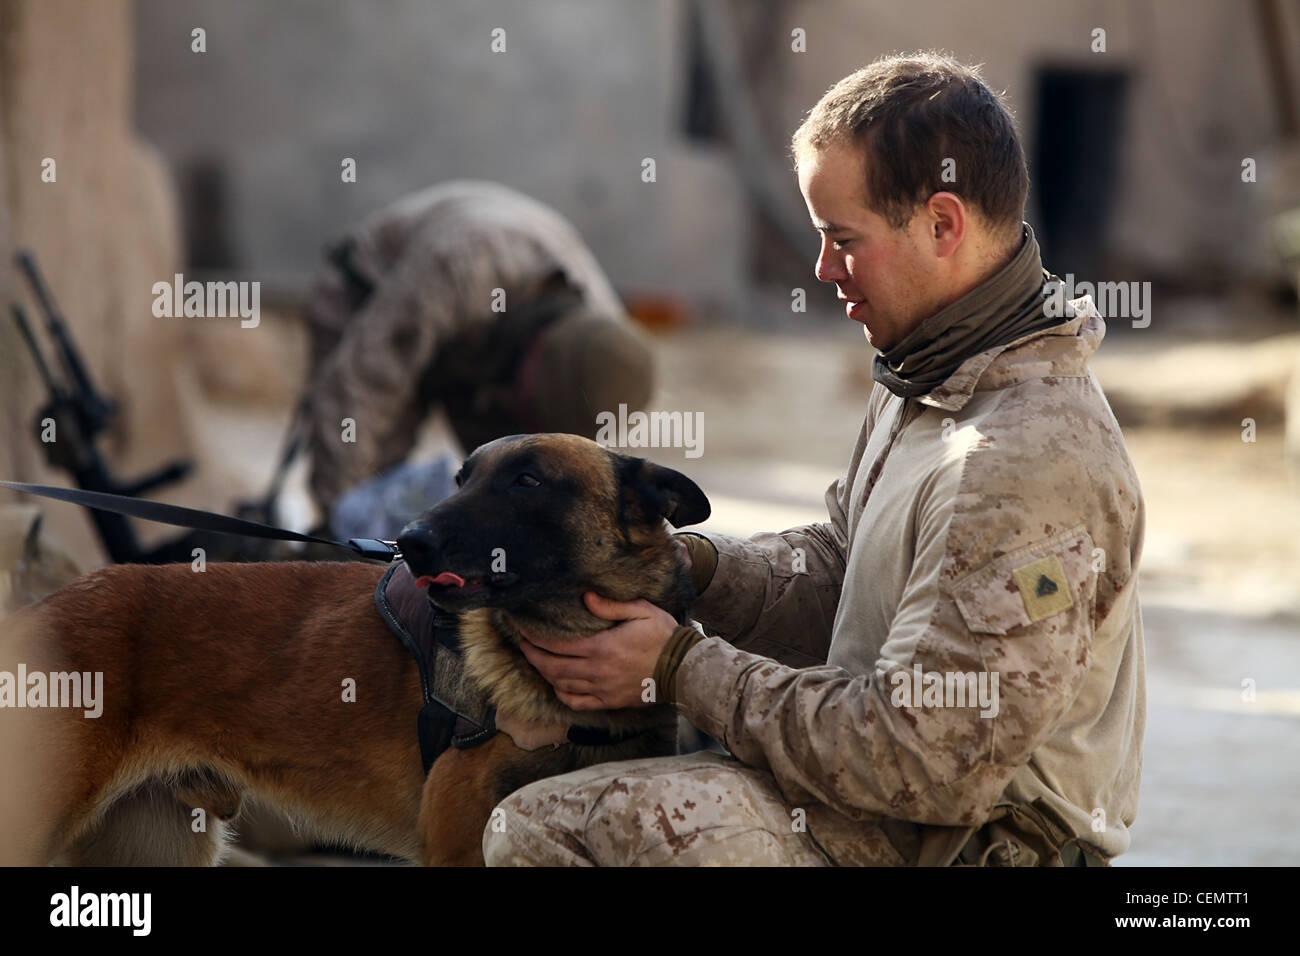 Im juste un amoureux des chiens, troy est un grand chien, le cpl. javier gandia a dit, 22, chef d'équipe Photo Stock